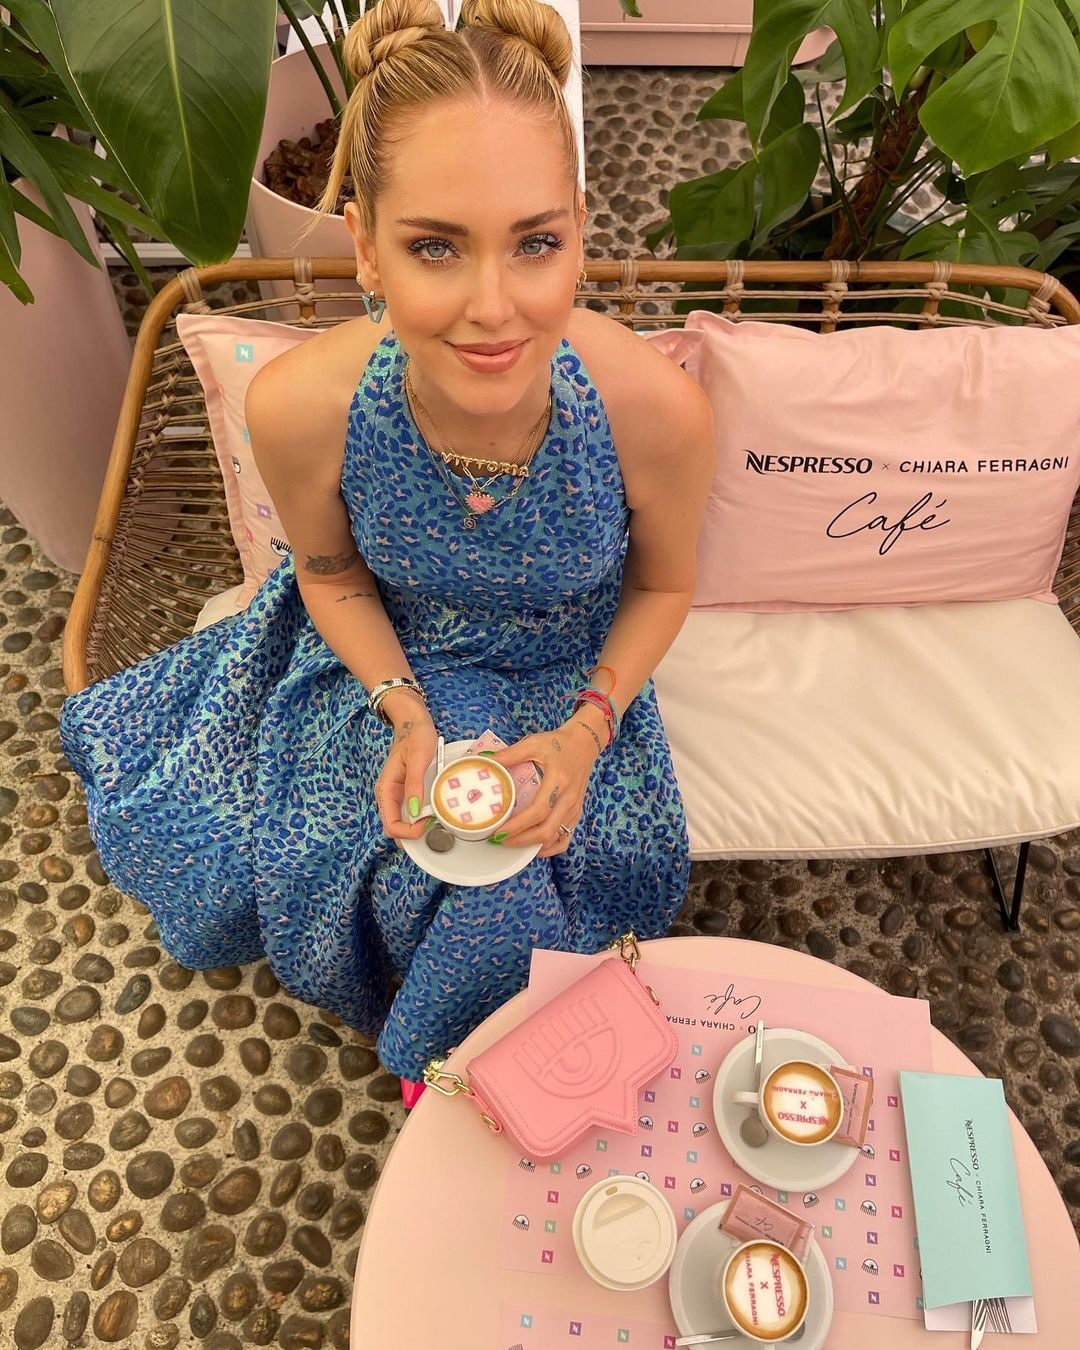 Chiara Ferragni in Dior